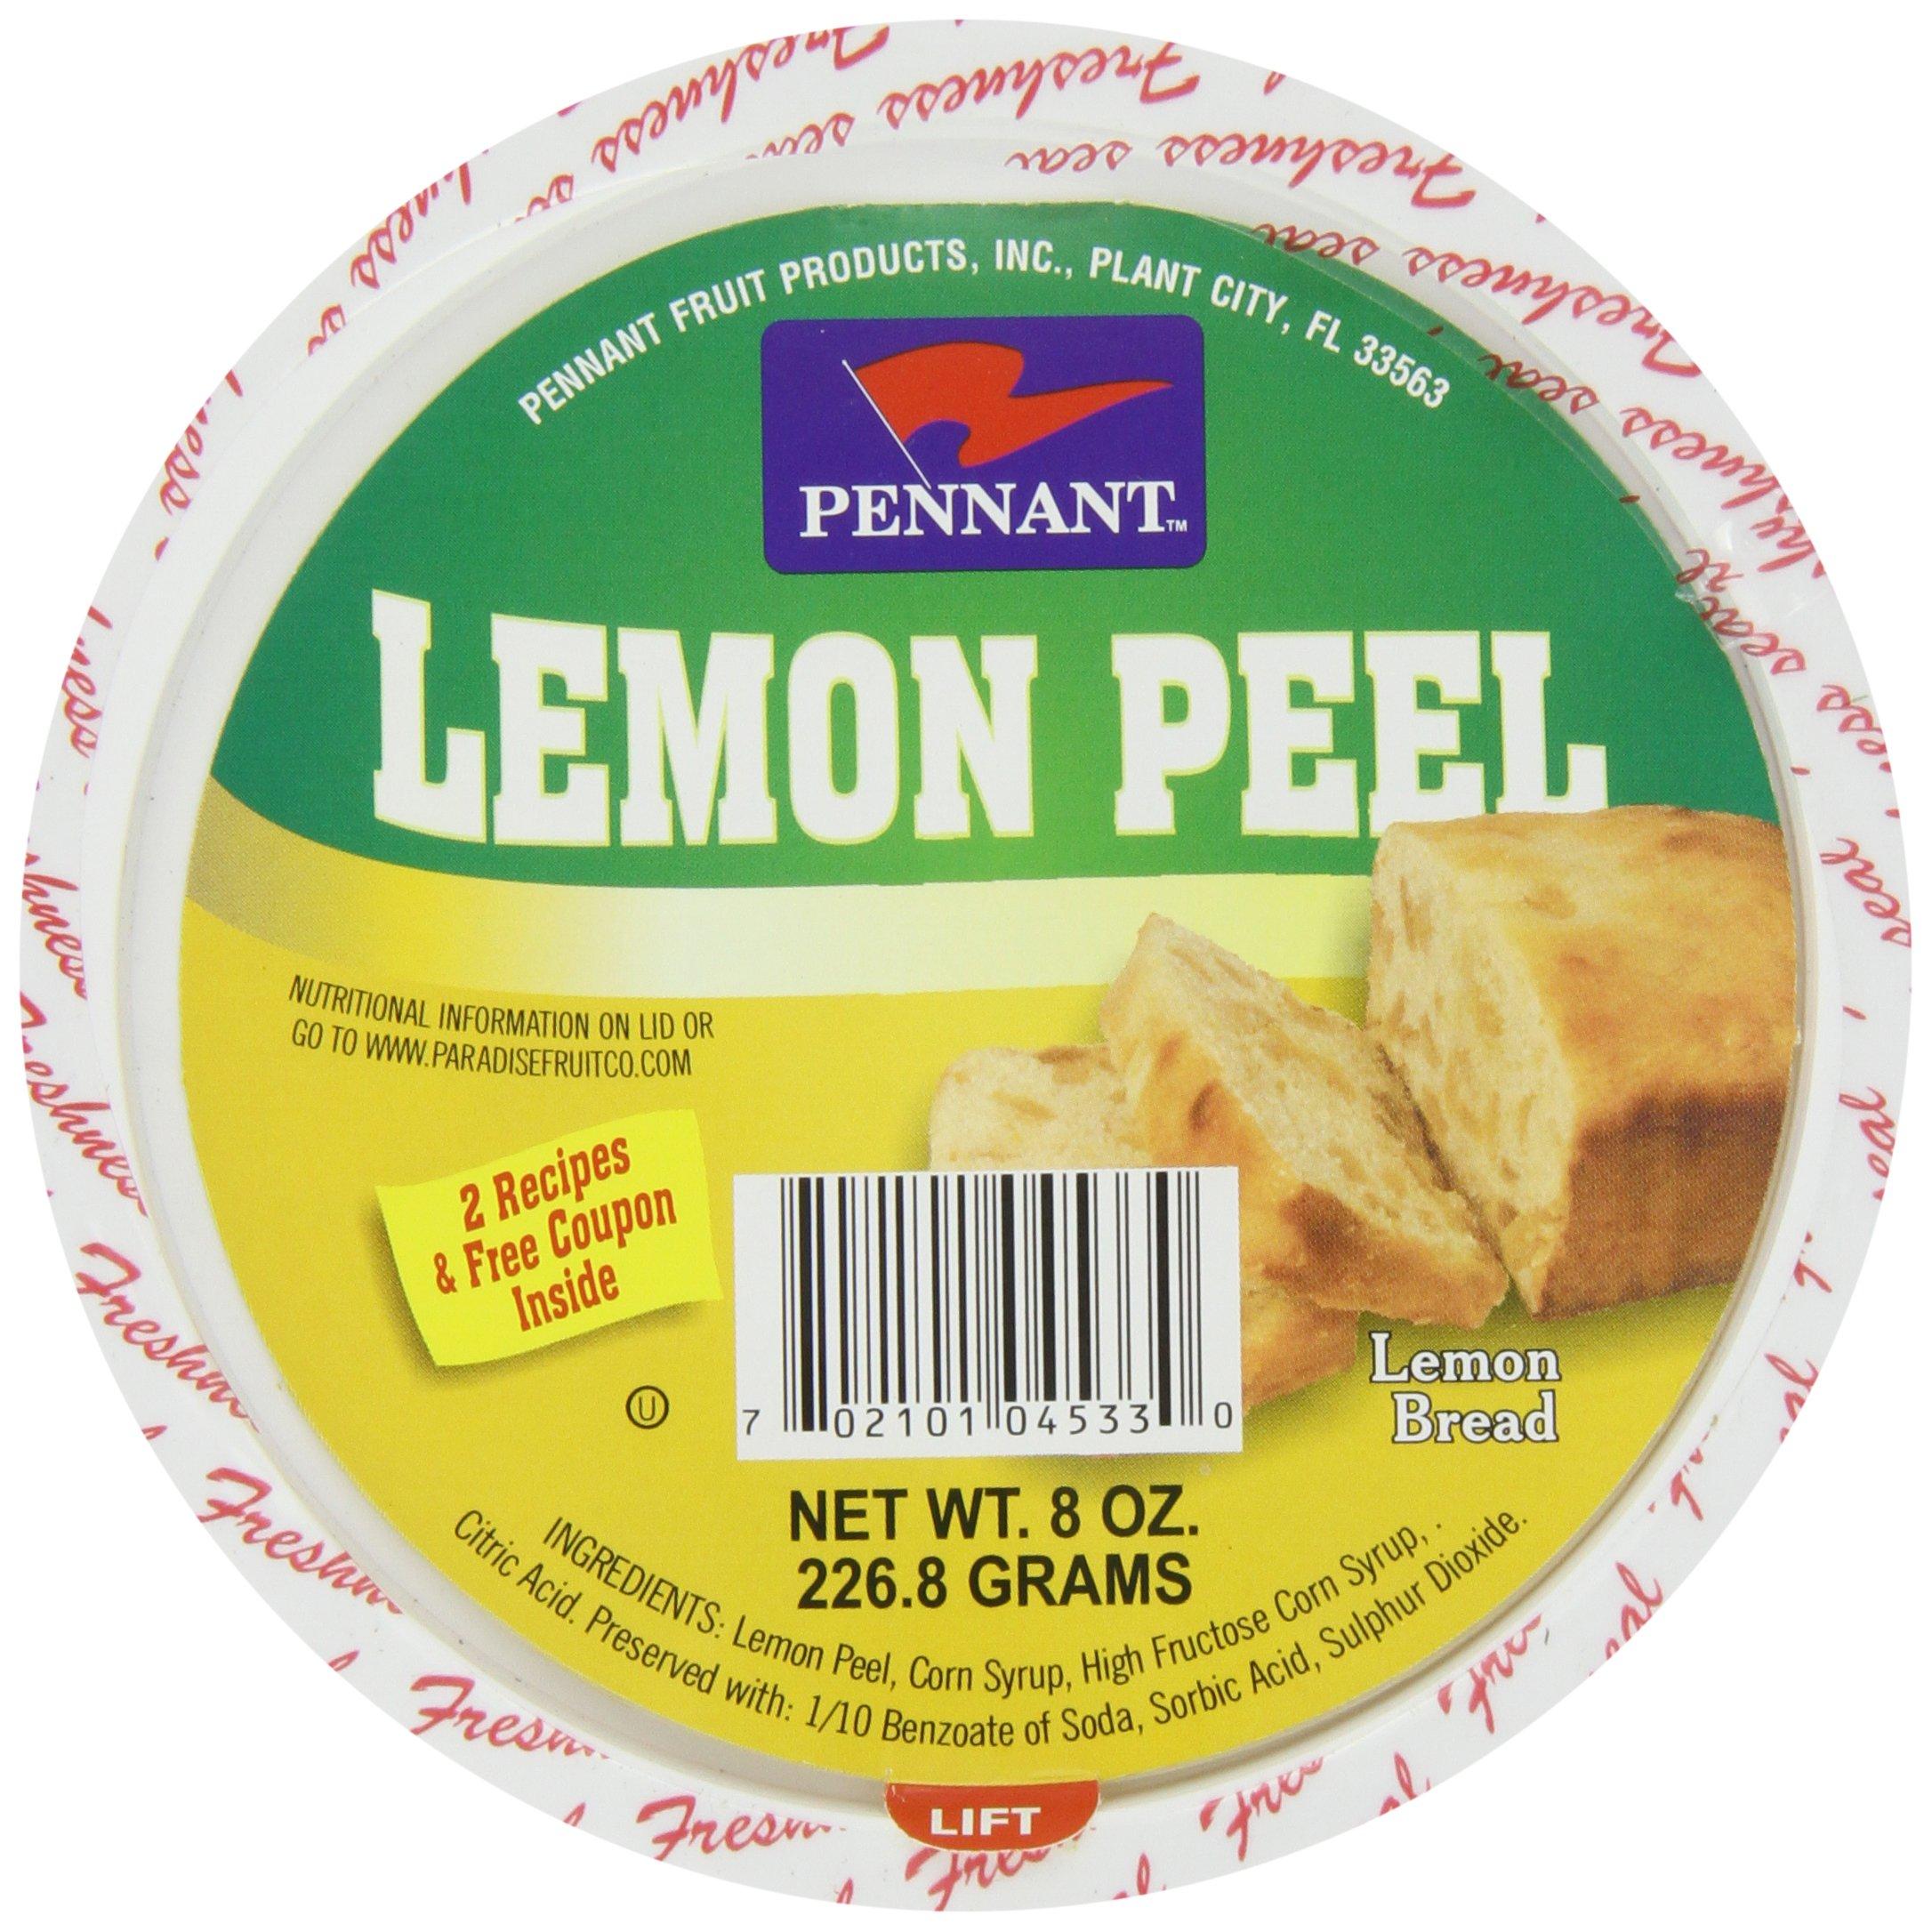 Pennant Diced Lemon Peel, 8 Ounce